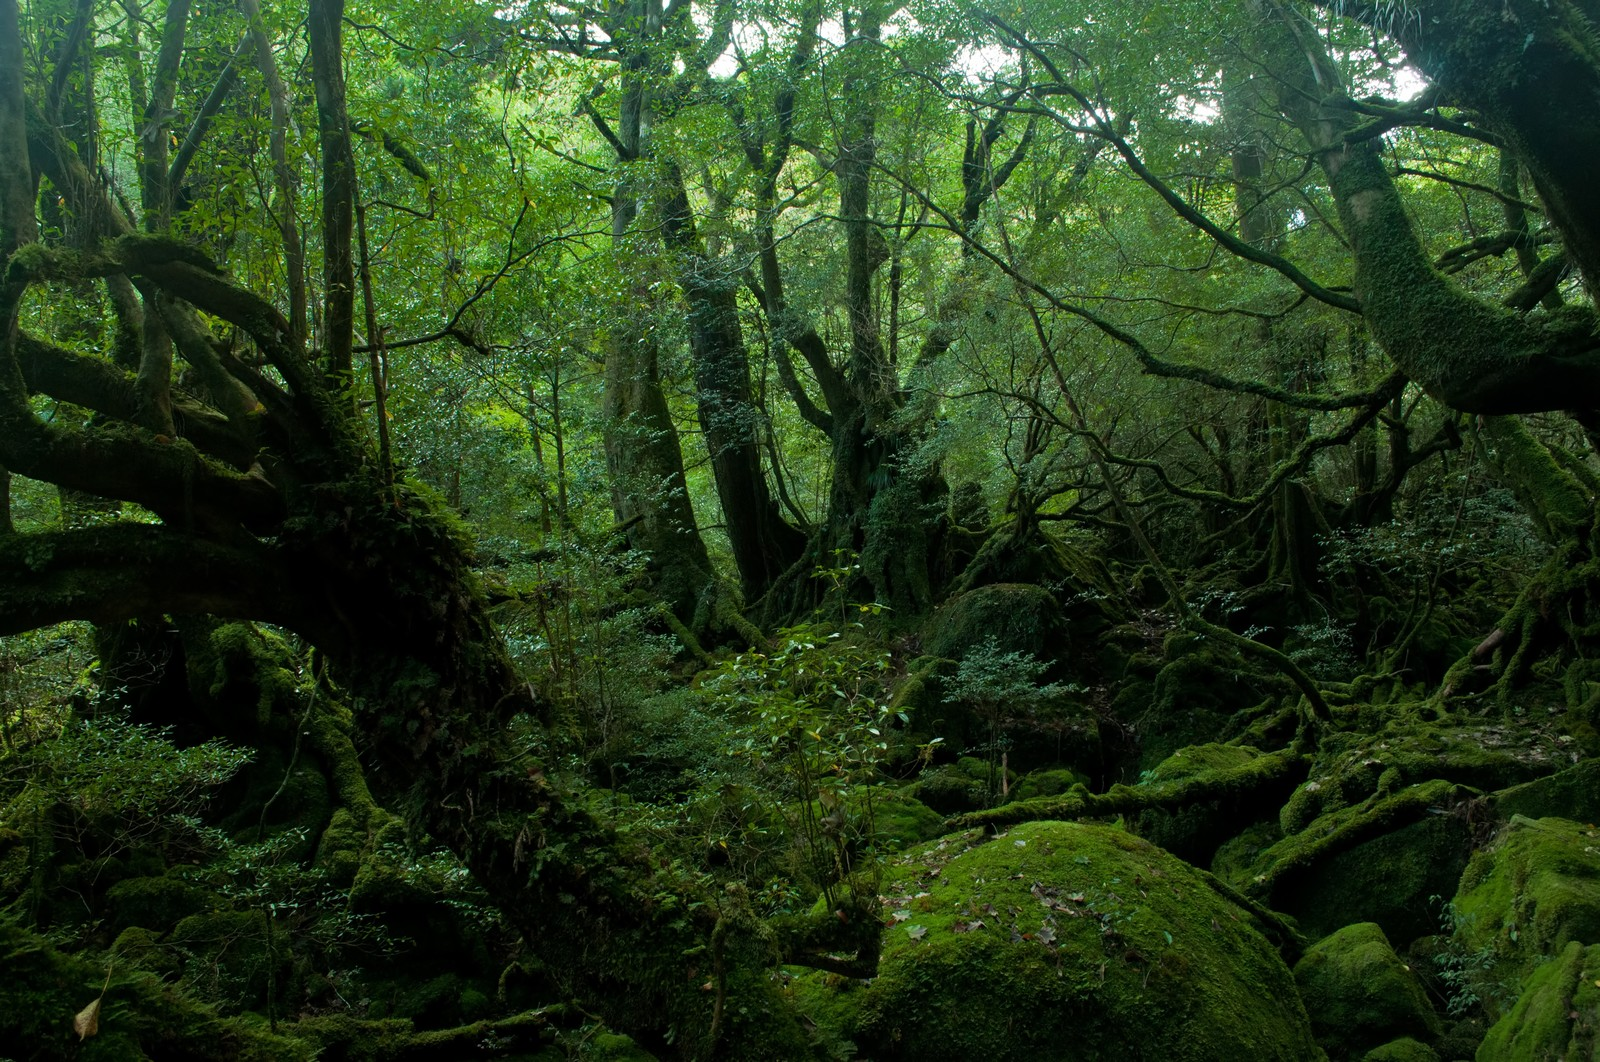 「屋久島の深い森 | 写真の無料素材・フリー素材 - ぱくたそ」の写真